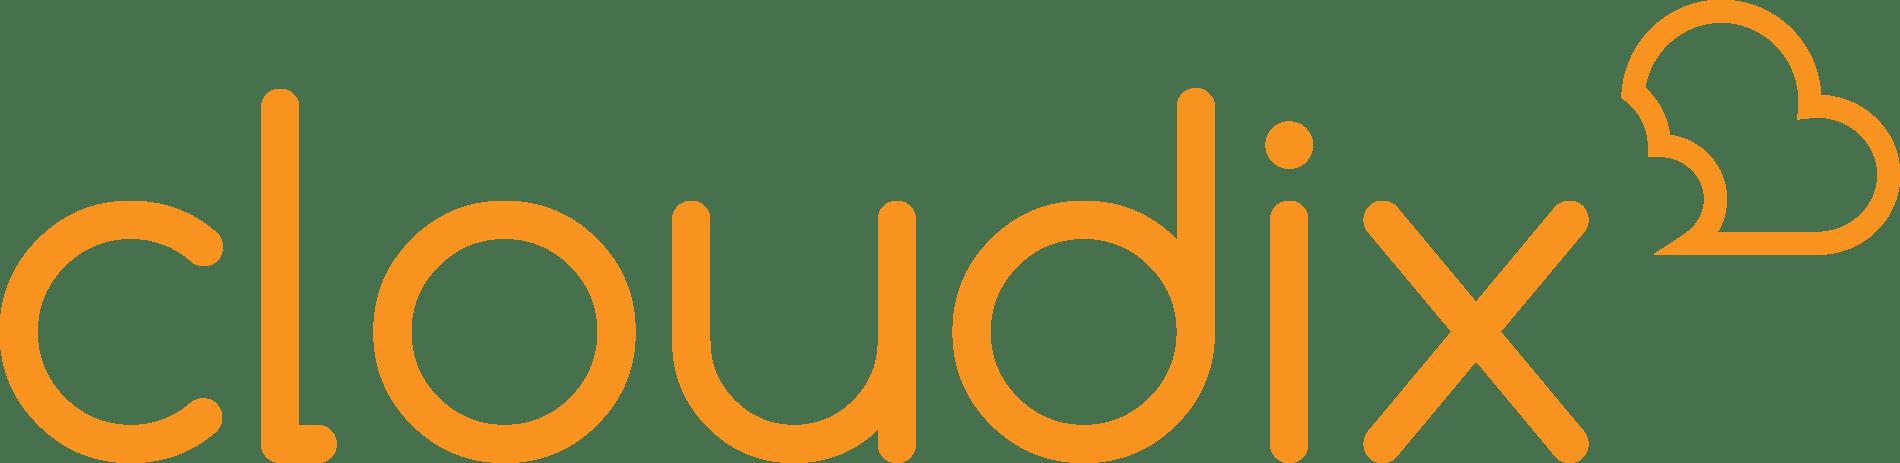 cloudix logo